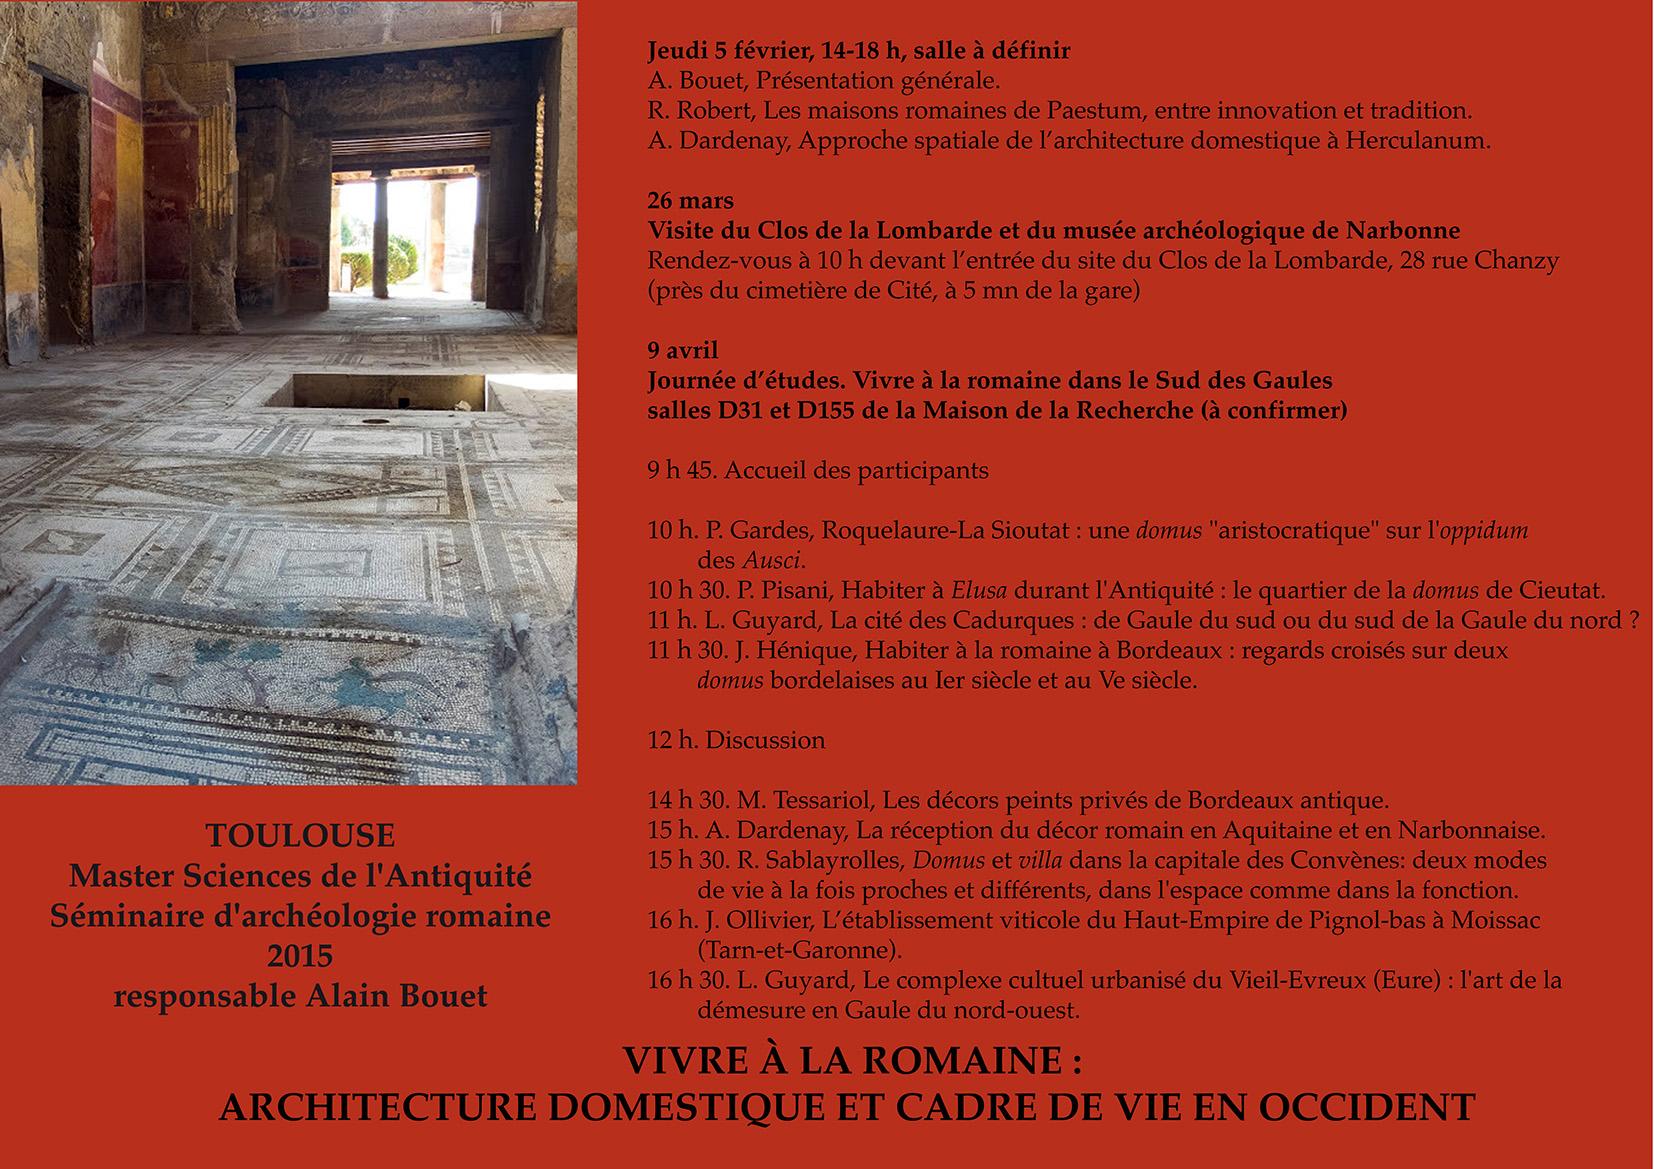 seminaire-archeologie-romaine-2015.jpg